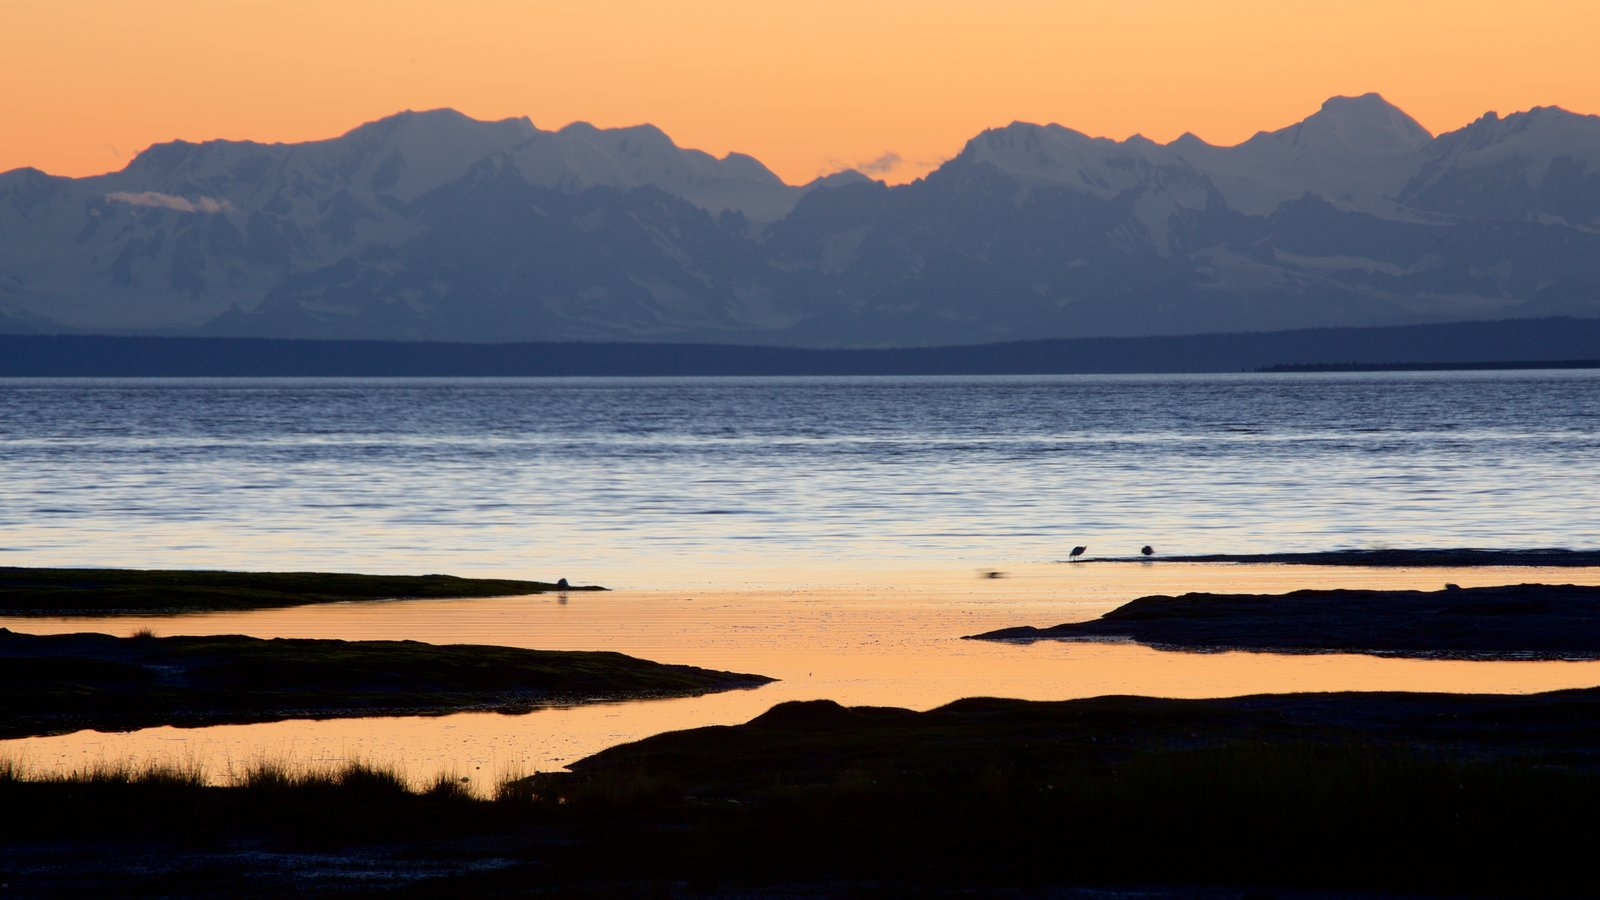 Anchorage mostrando um pôr do sol, paisagens litorâneas e montanhas